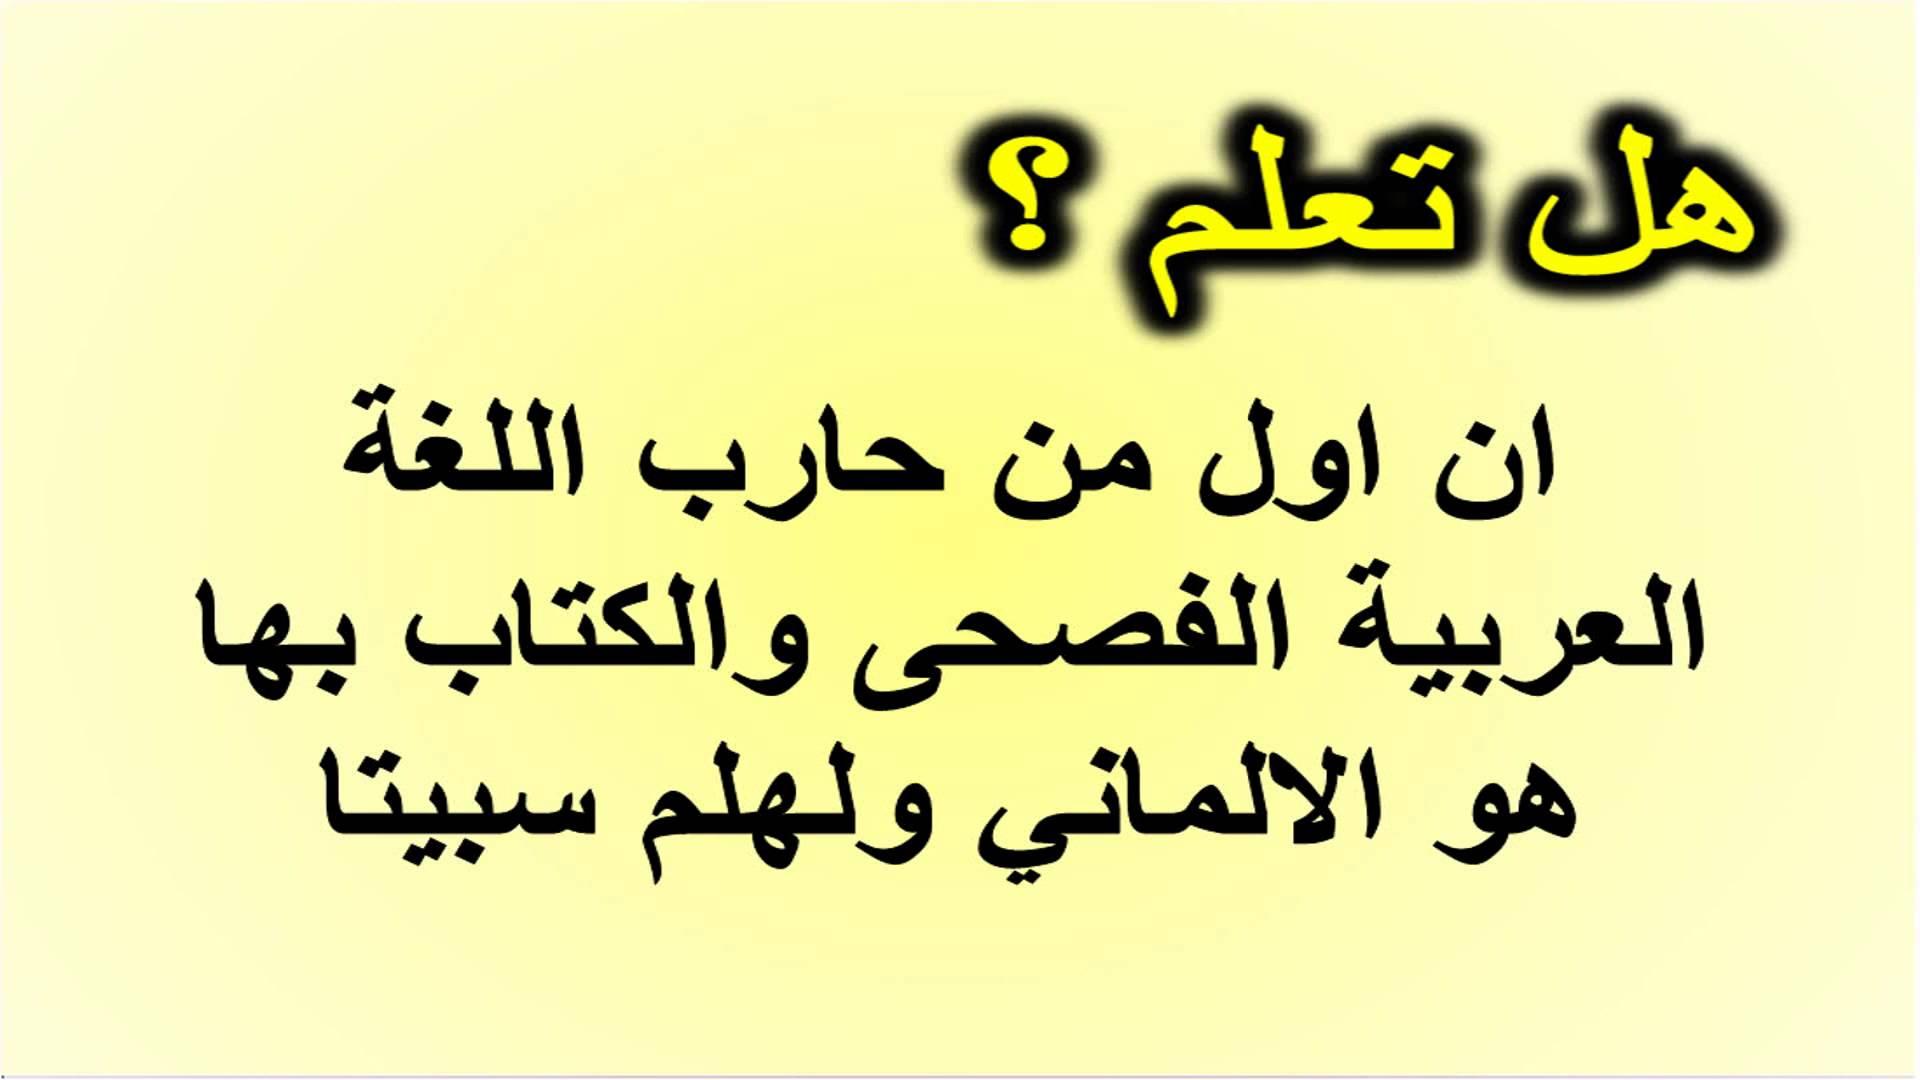 بالصور معلومات عن اللغه العربيه , حقائق و معلومات حول اللغه العربيه 774 2